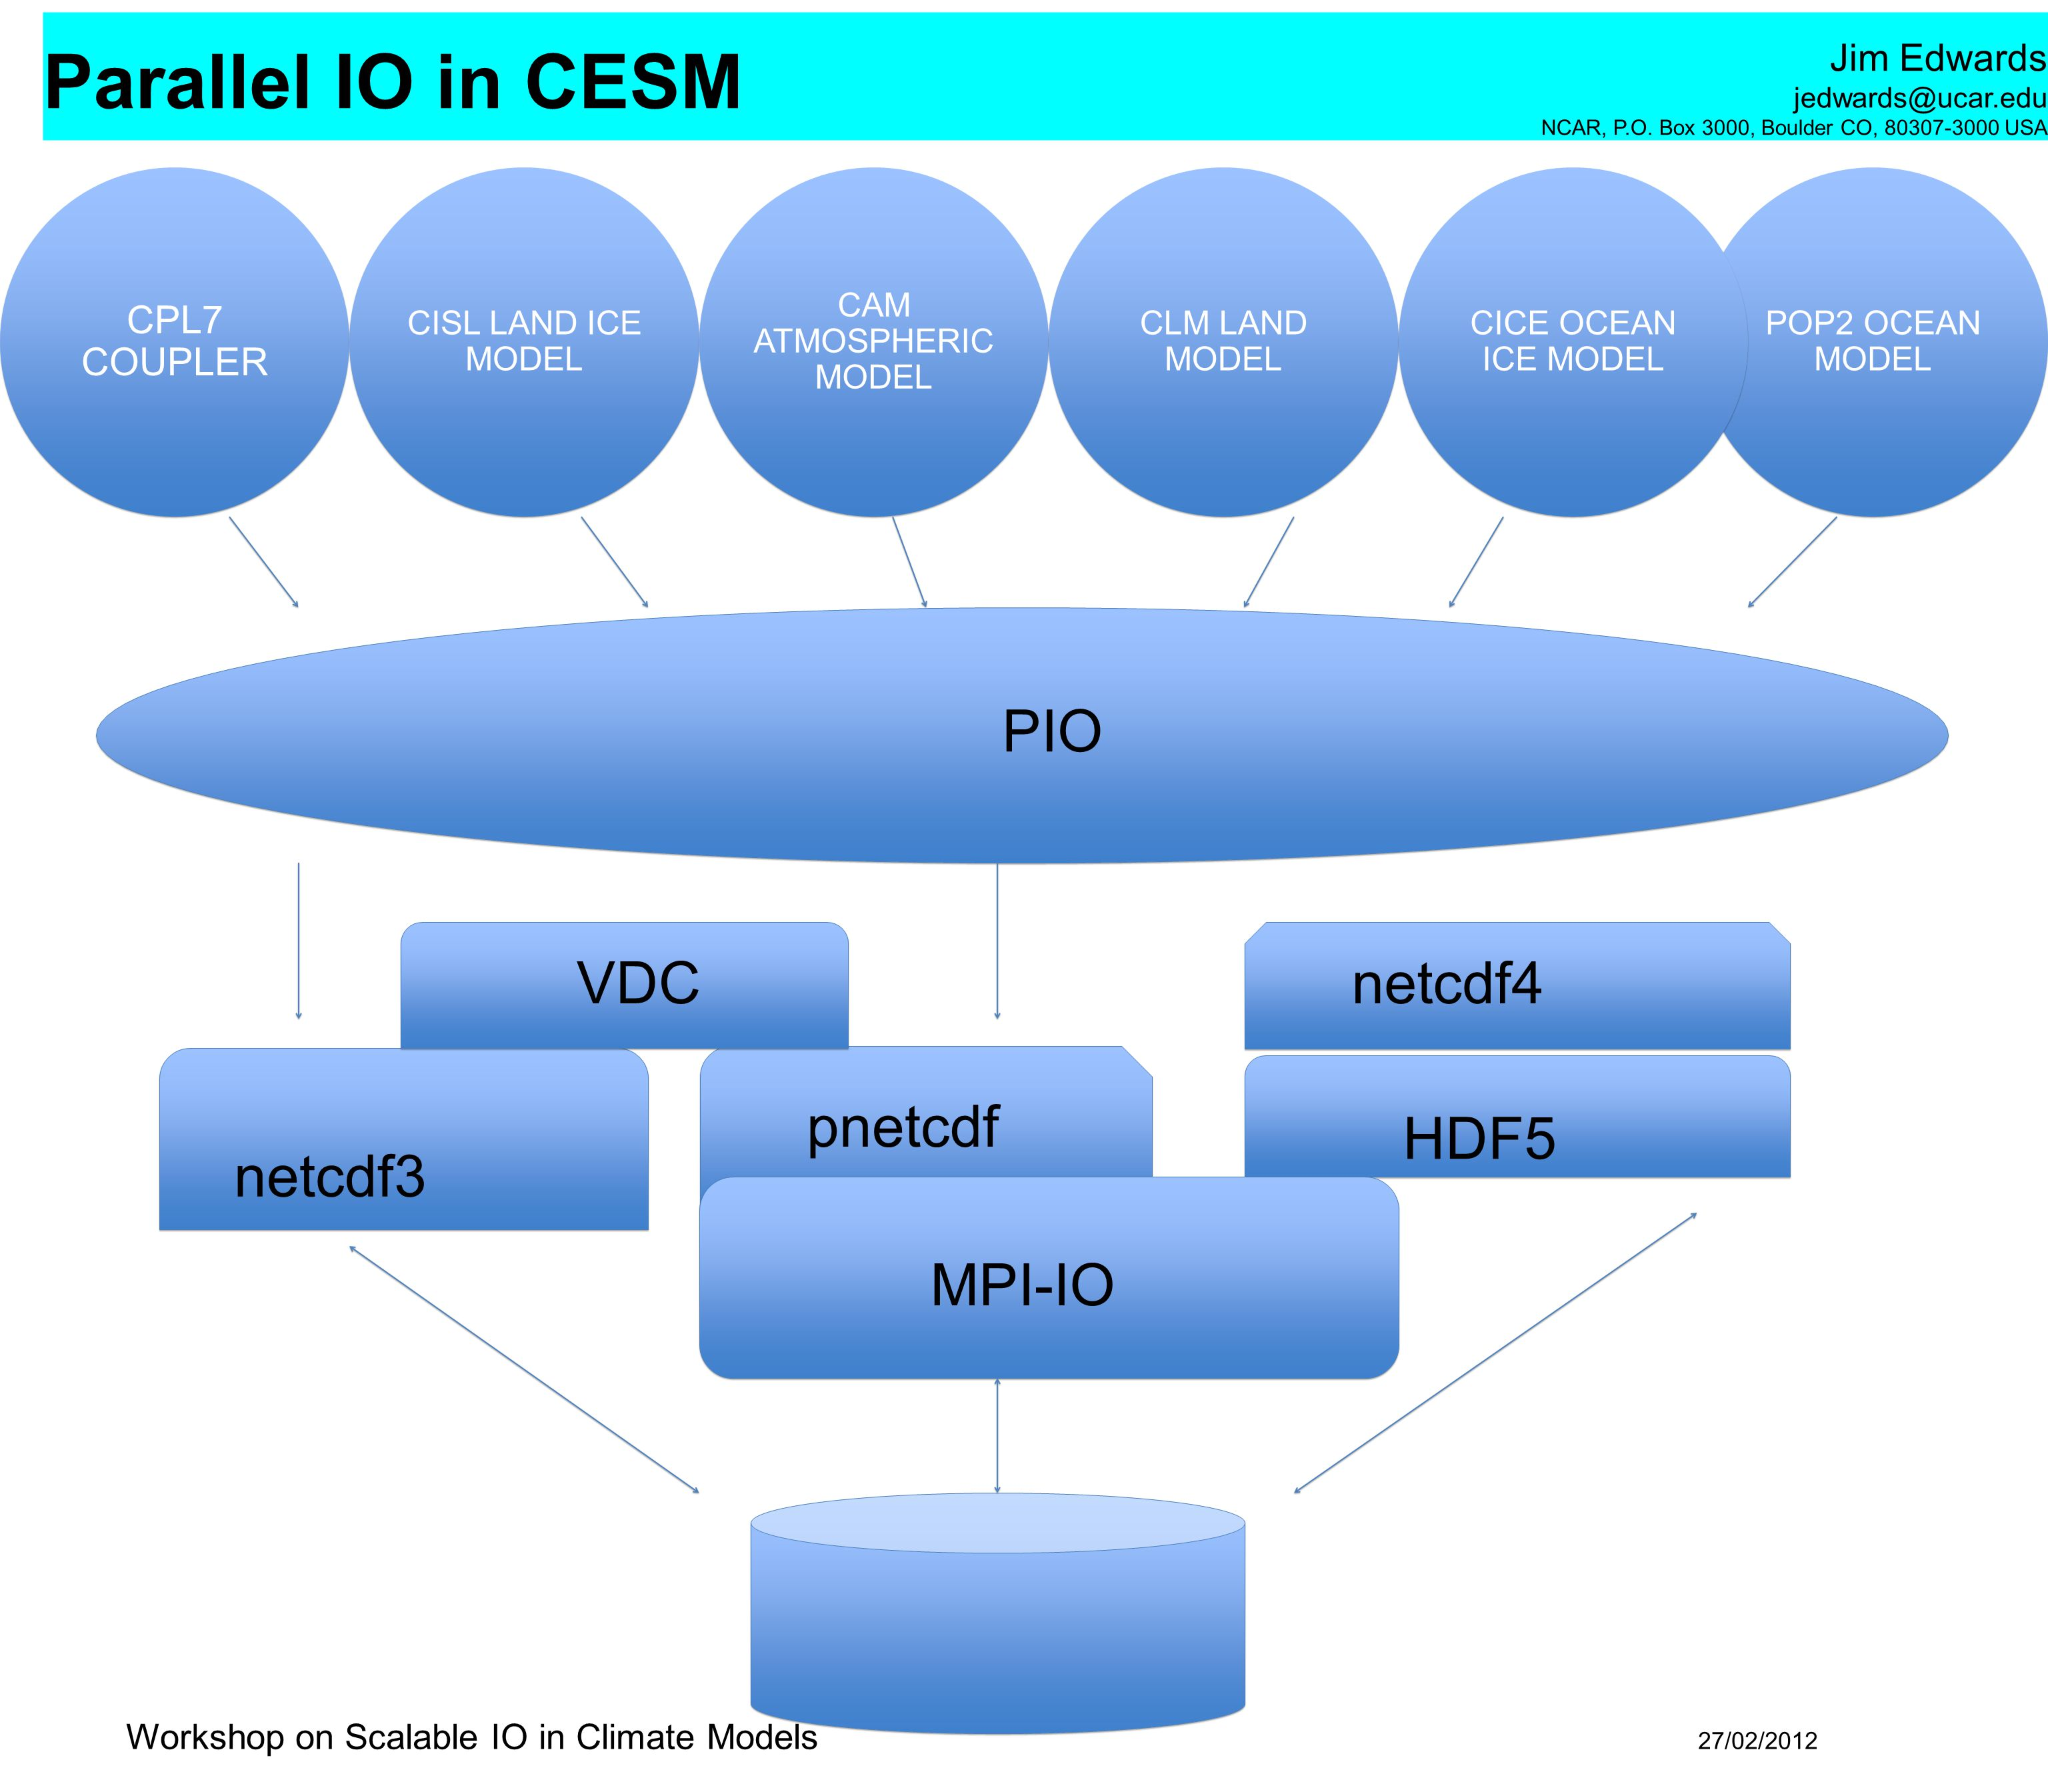 PIO VDC netcdf4 pnetcdf HDF5 netcdf3 MPI-IO CPL7 COUPLER